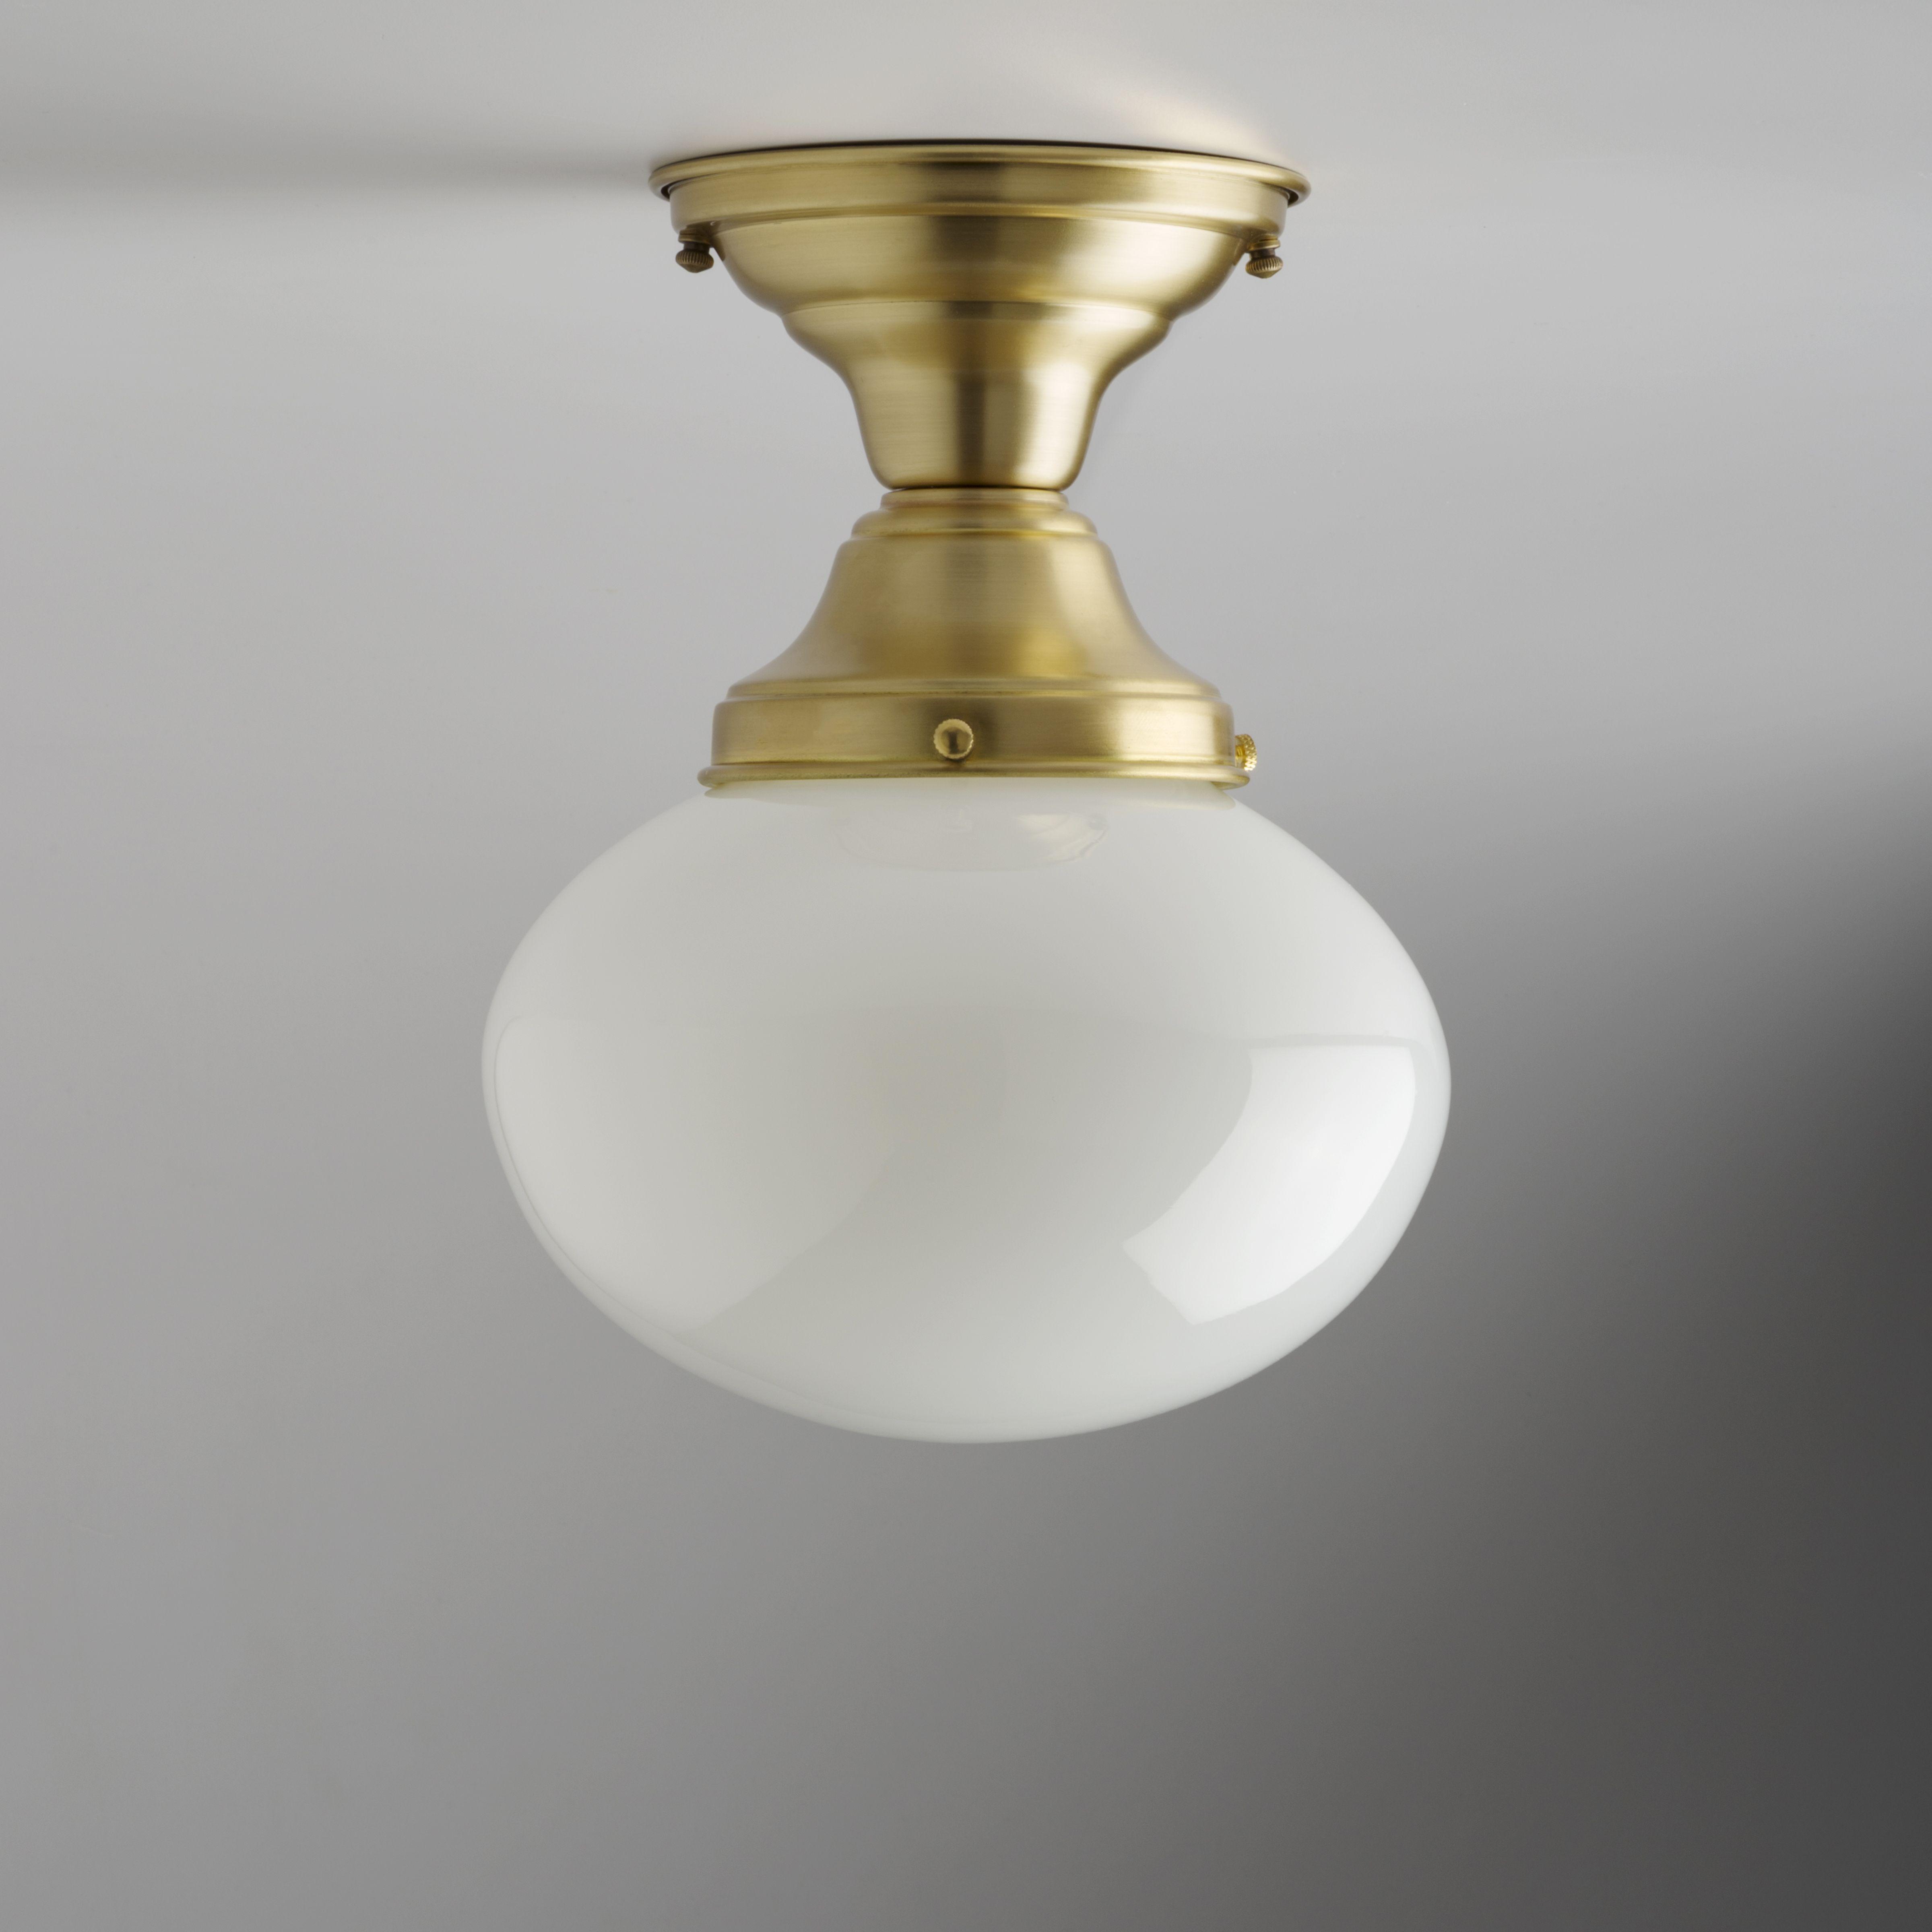 Pin By Oldebrick Lighting On Art Deco Lighting Light Fixtures Flush Mount Semi Flush Mount Lighting Flush Mount Lighting